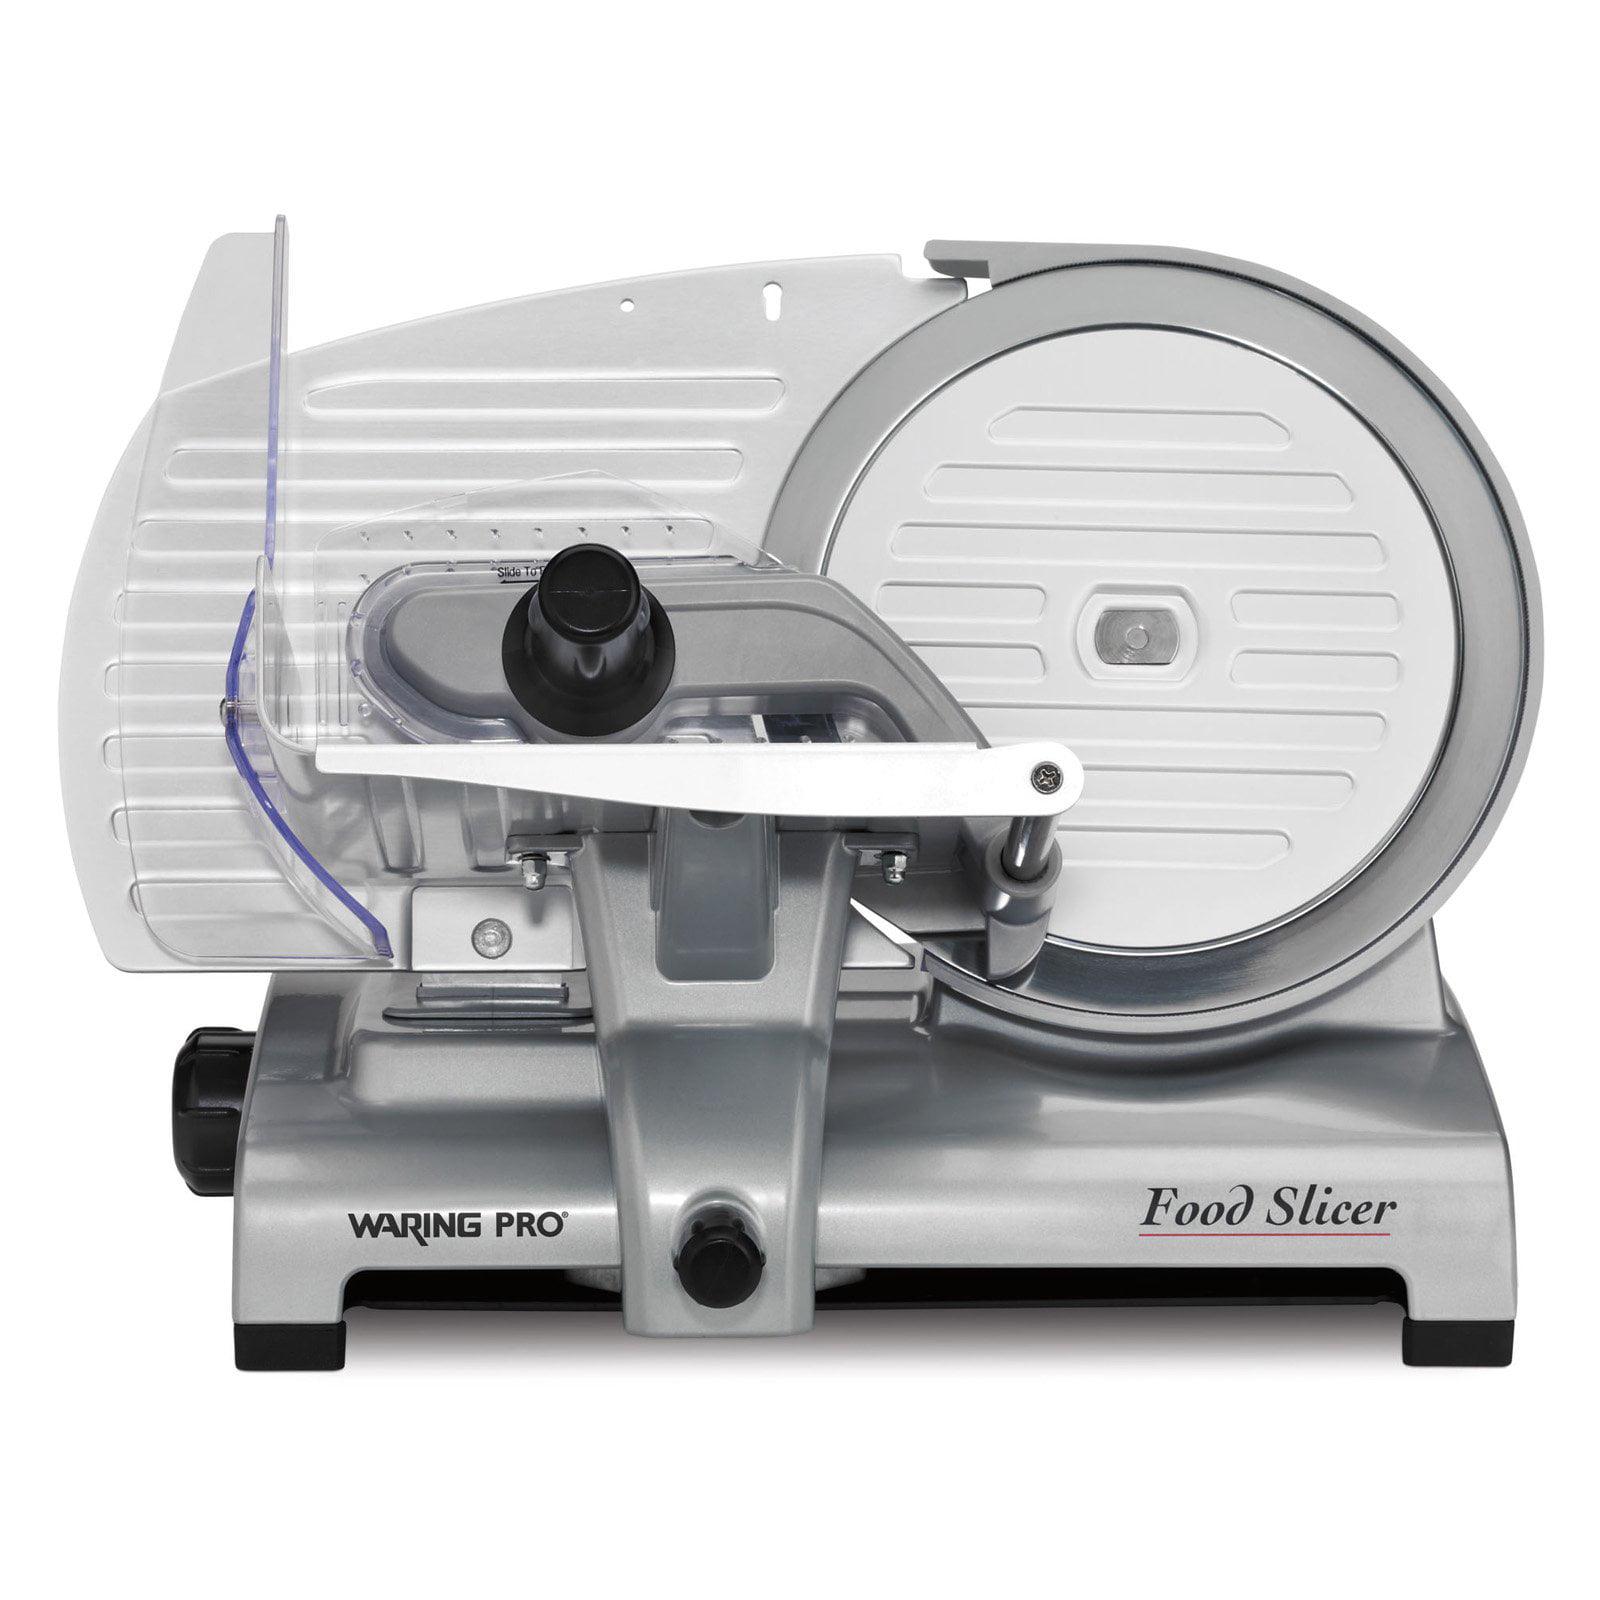 Waring Pro FS1500 10 in. Food Slicer